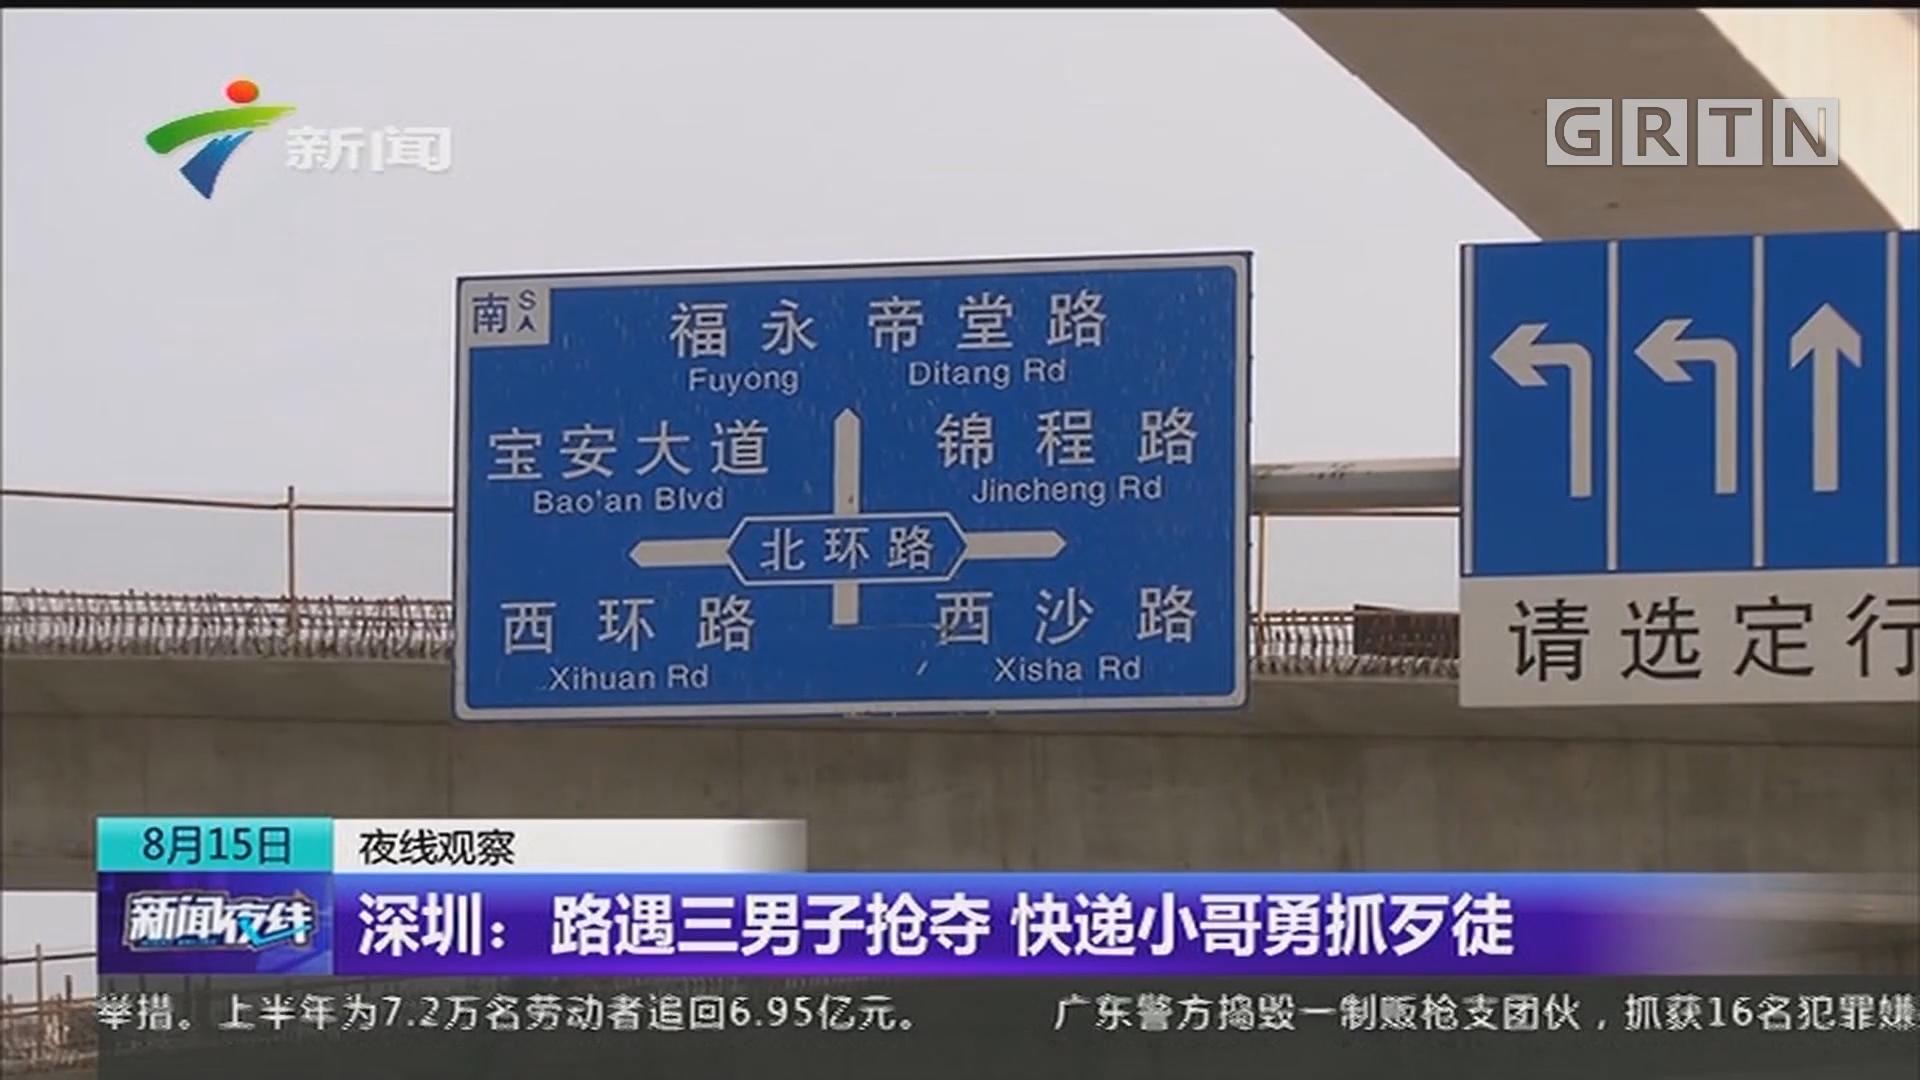 深圳:路遇三男子抢夺 快递小哥勇抓歹徒